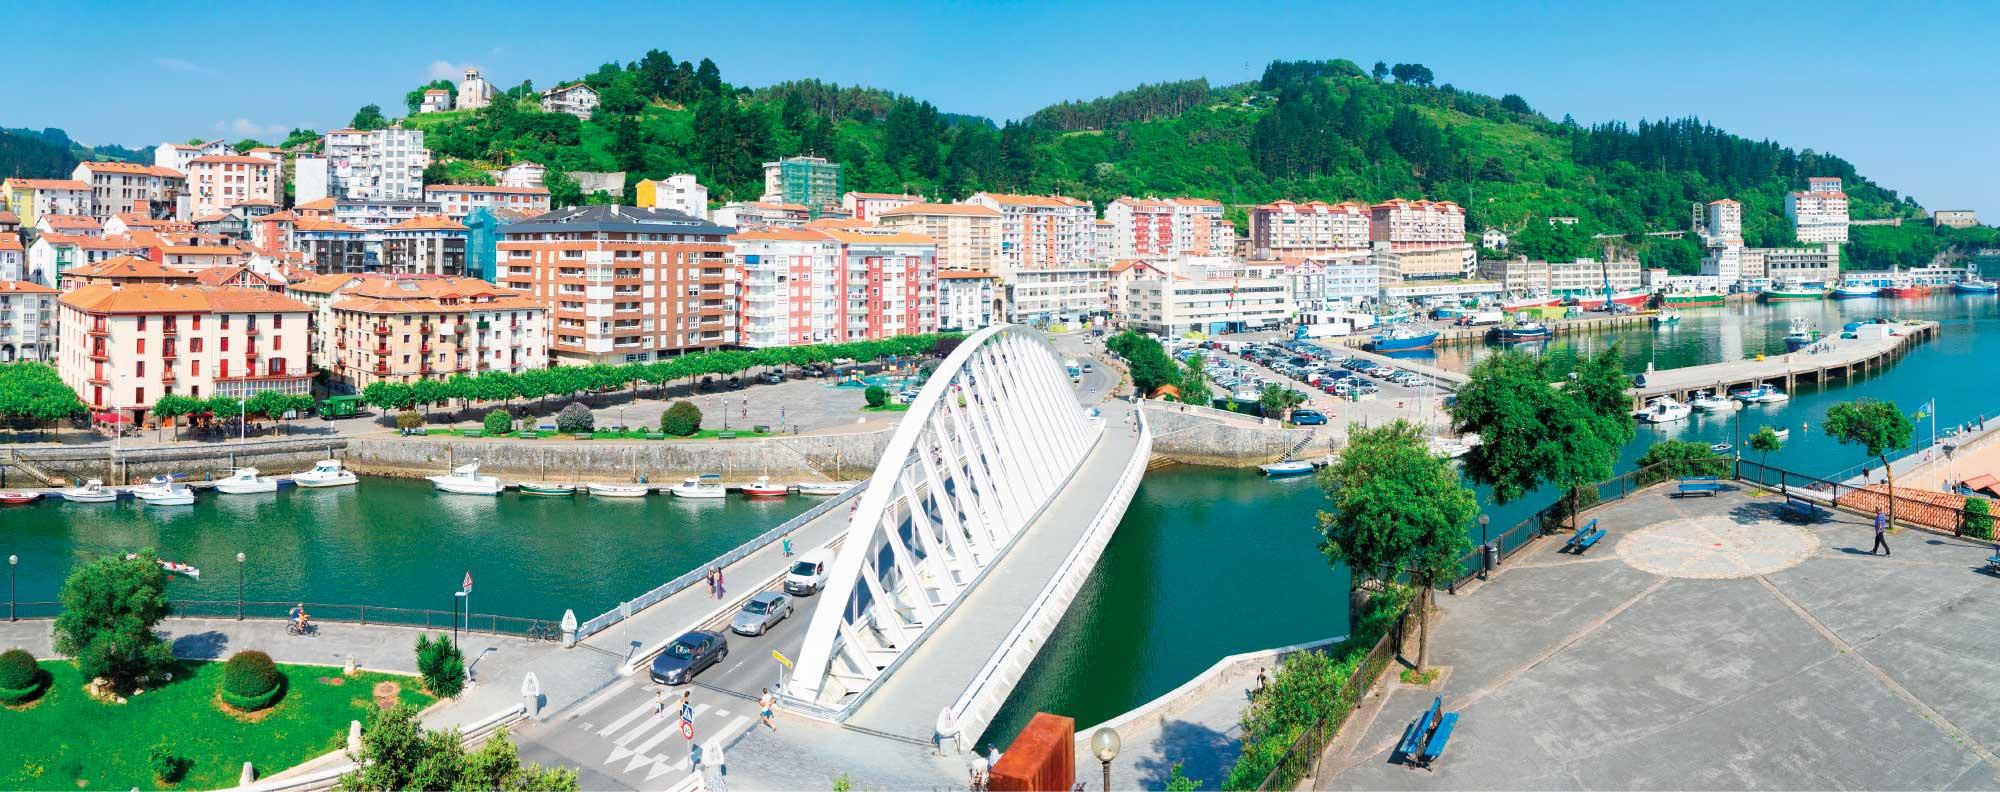 Pescados Llorente Cantabria